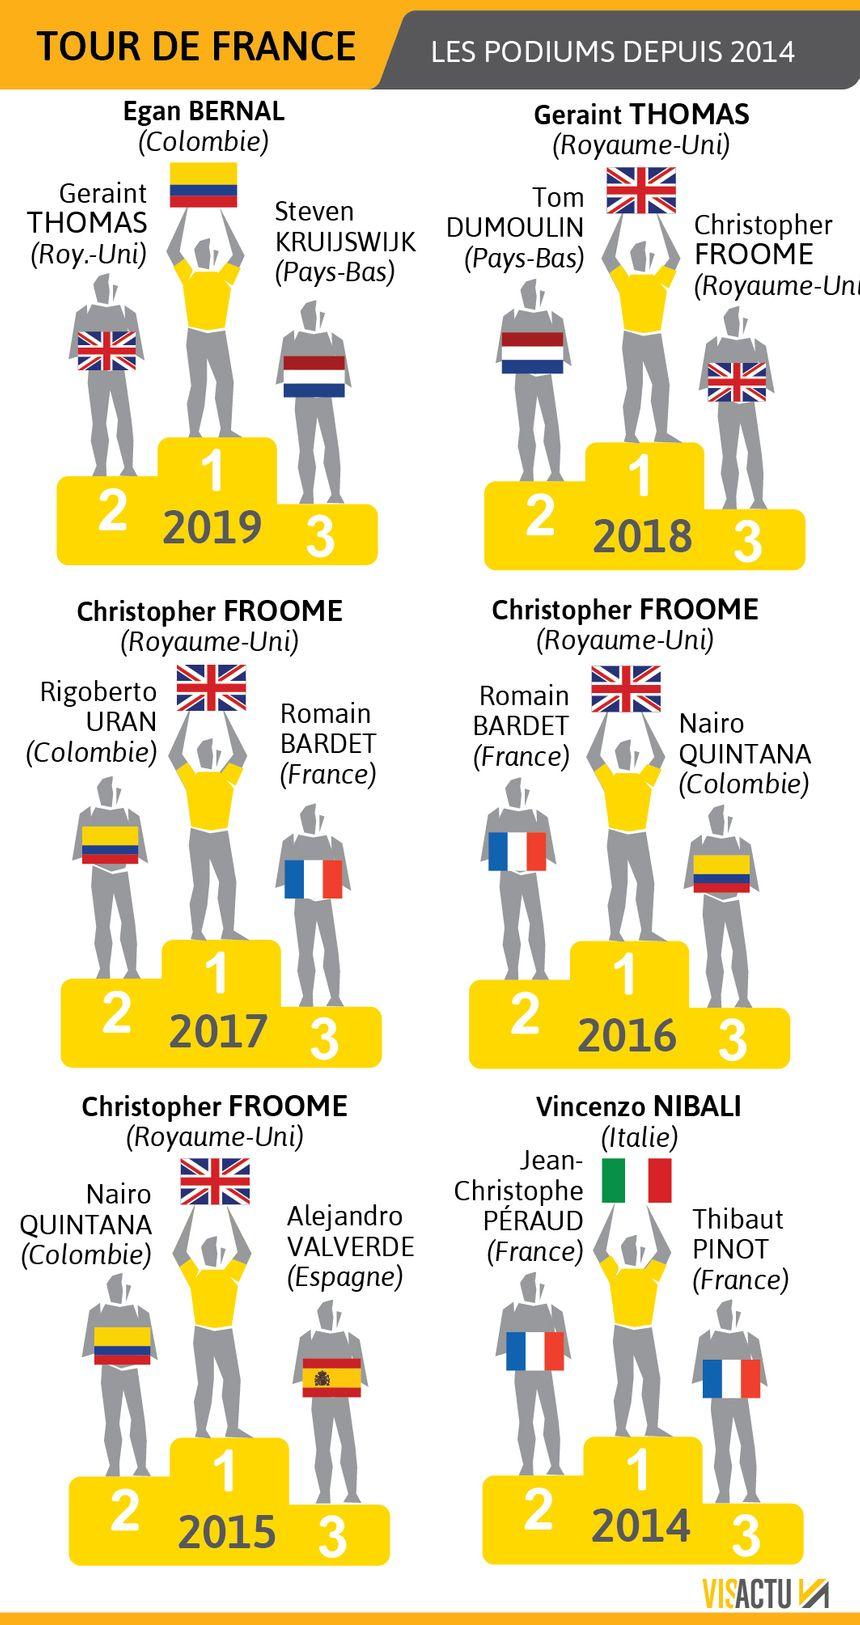 Carte Tour De France 2020 Decouvrez Le Parcours Complet Etape Par Etape De La 107e Edition